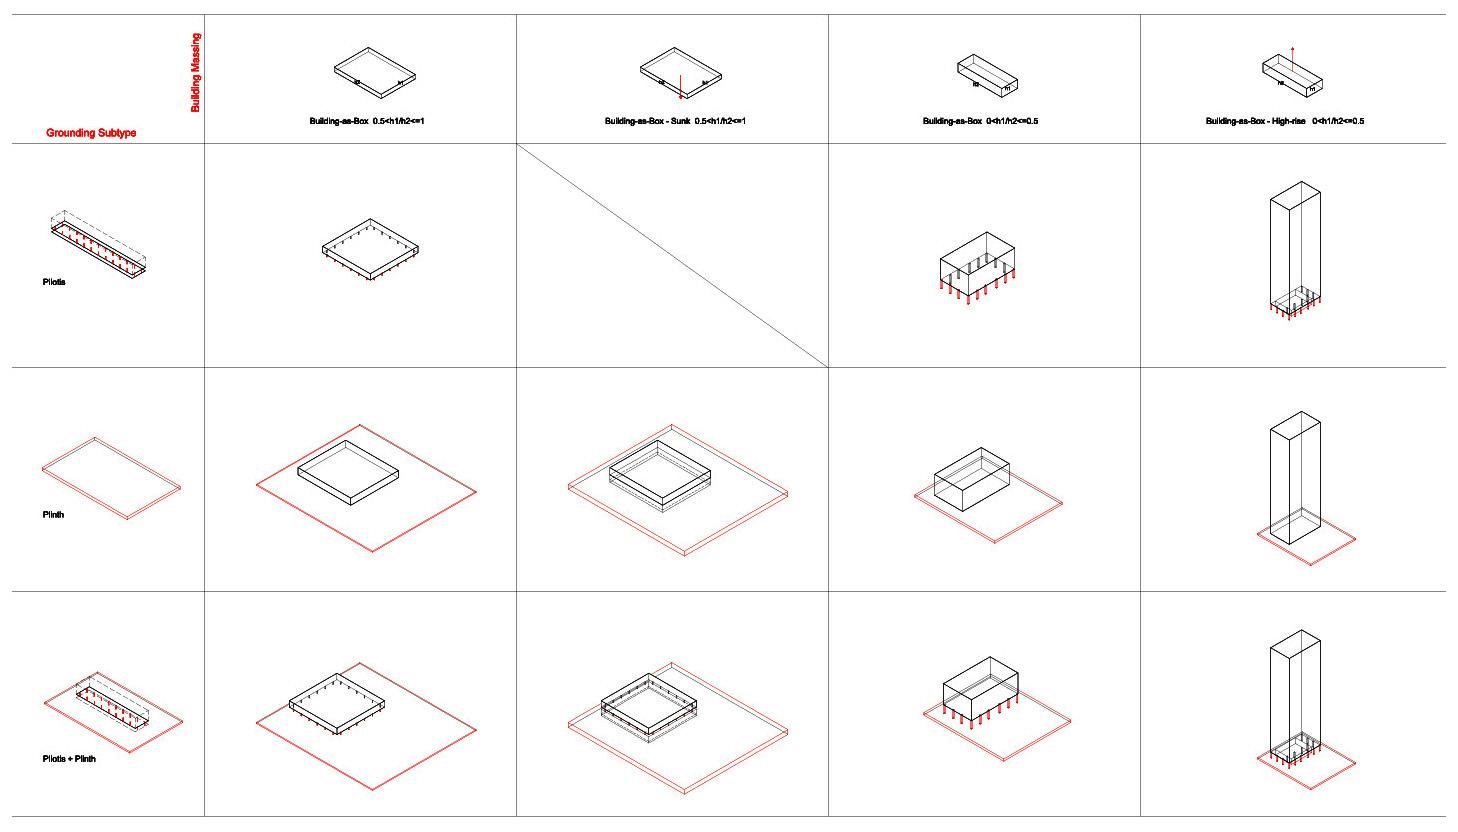 Architectural Pavilion, Pavilion Scenario and Urban Pavilion